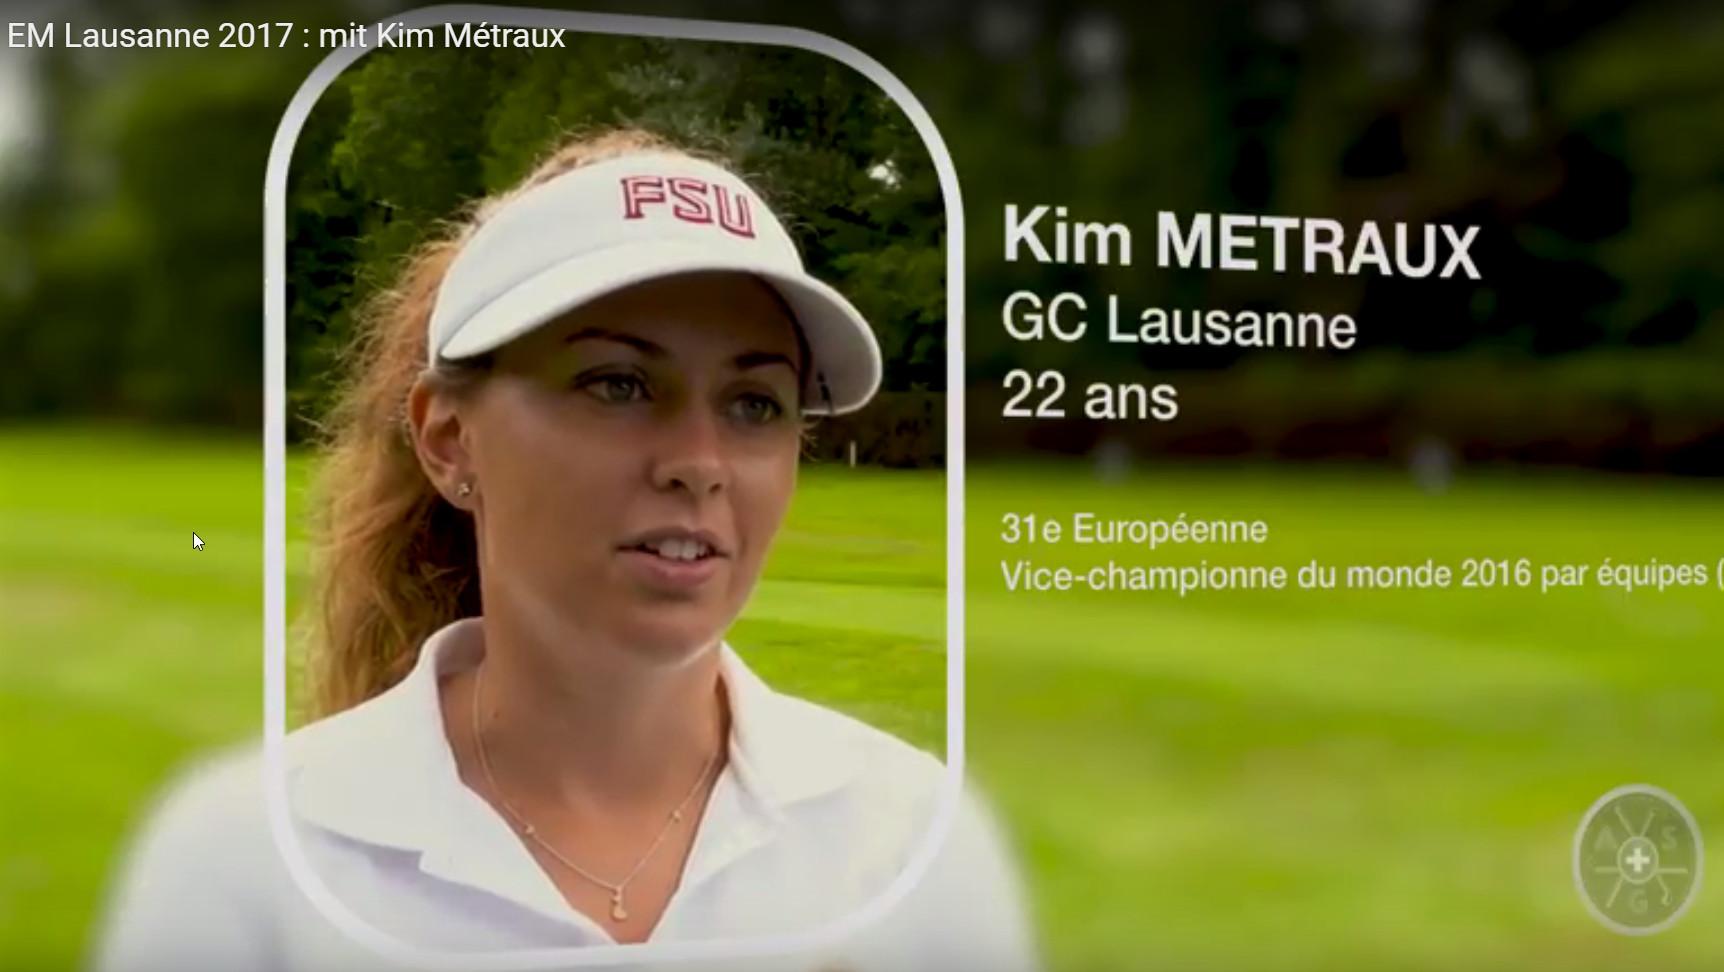 Kim Métraux Europameisterschaft Damen 2017 Lausanne